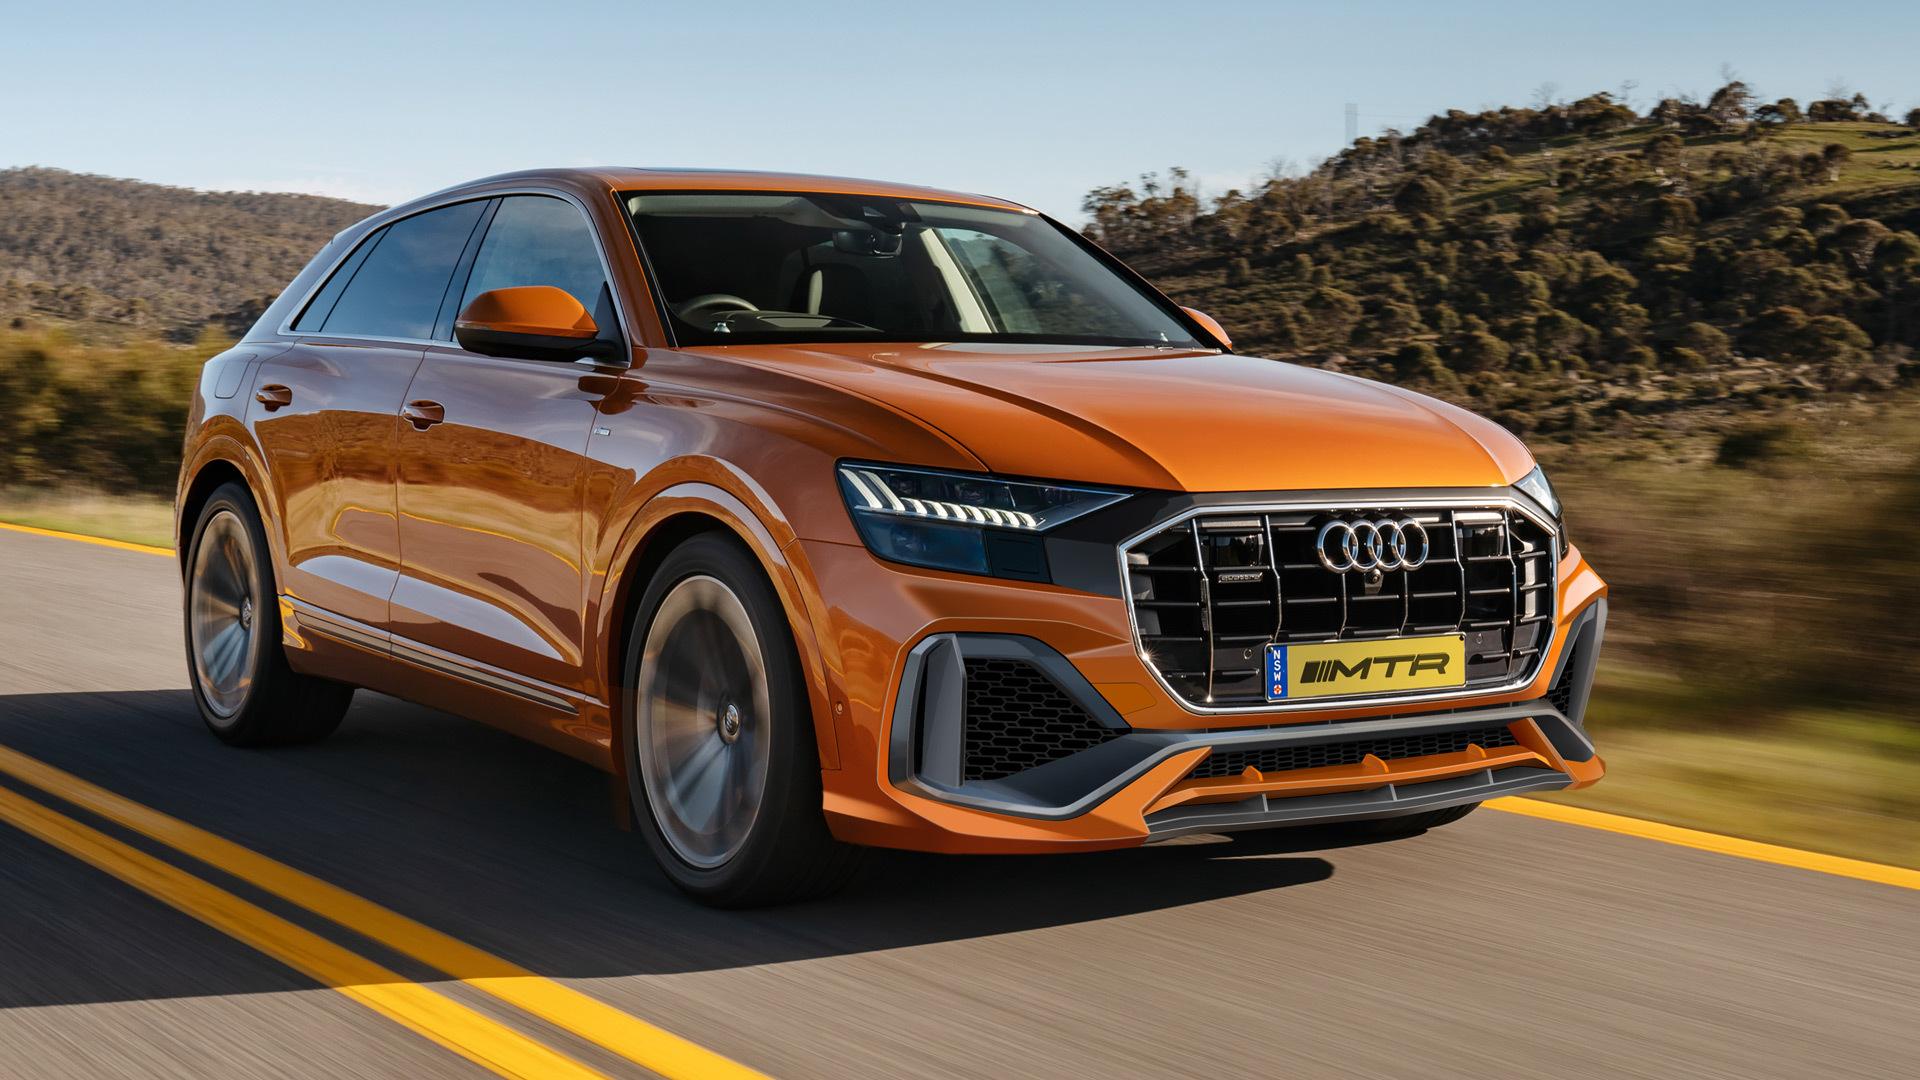 MTR Design Carbon Body Kit for New Audi Q8